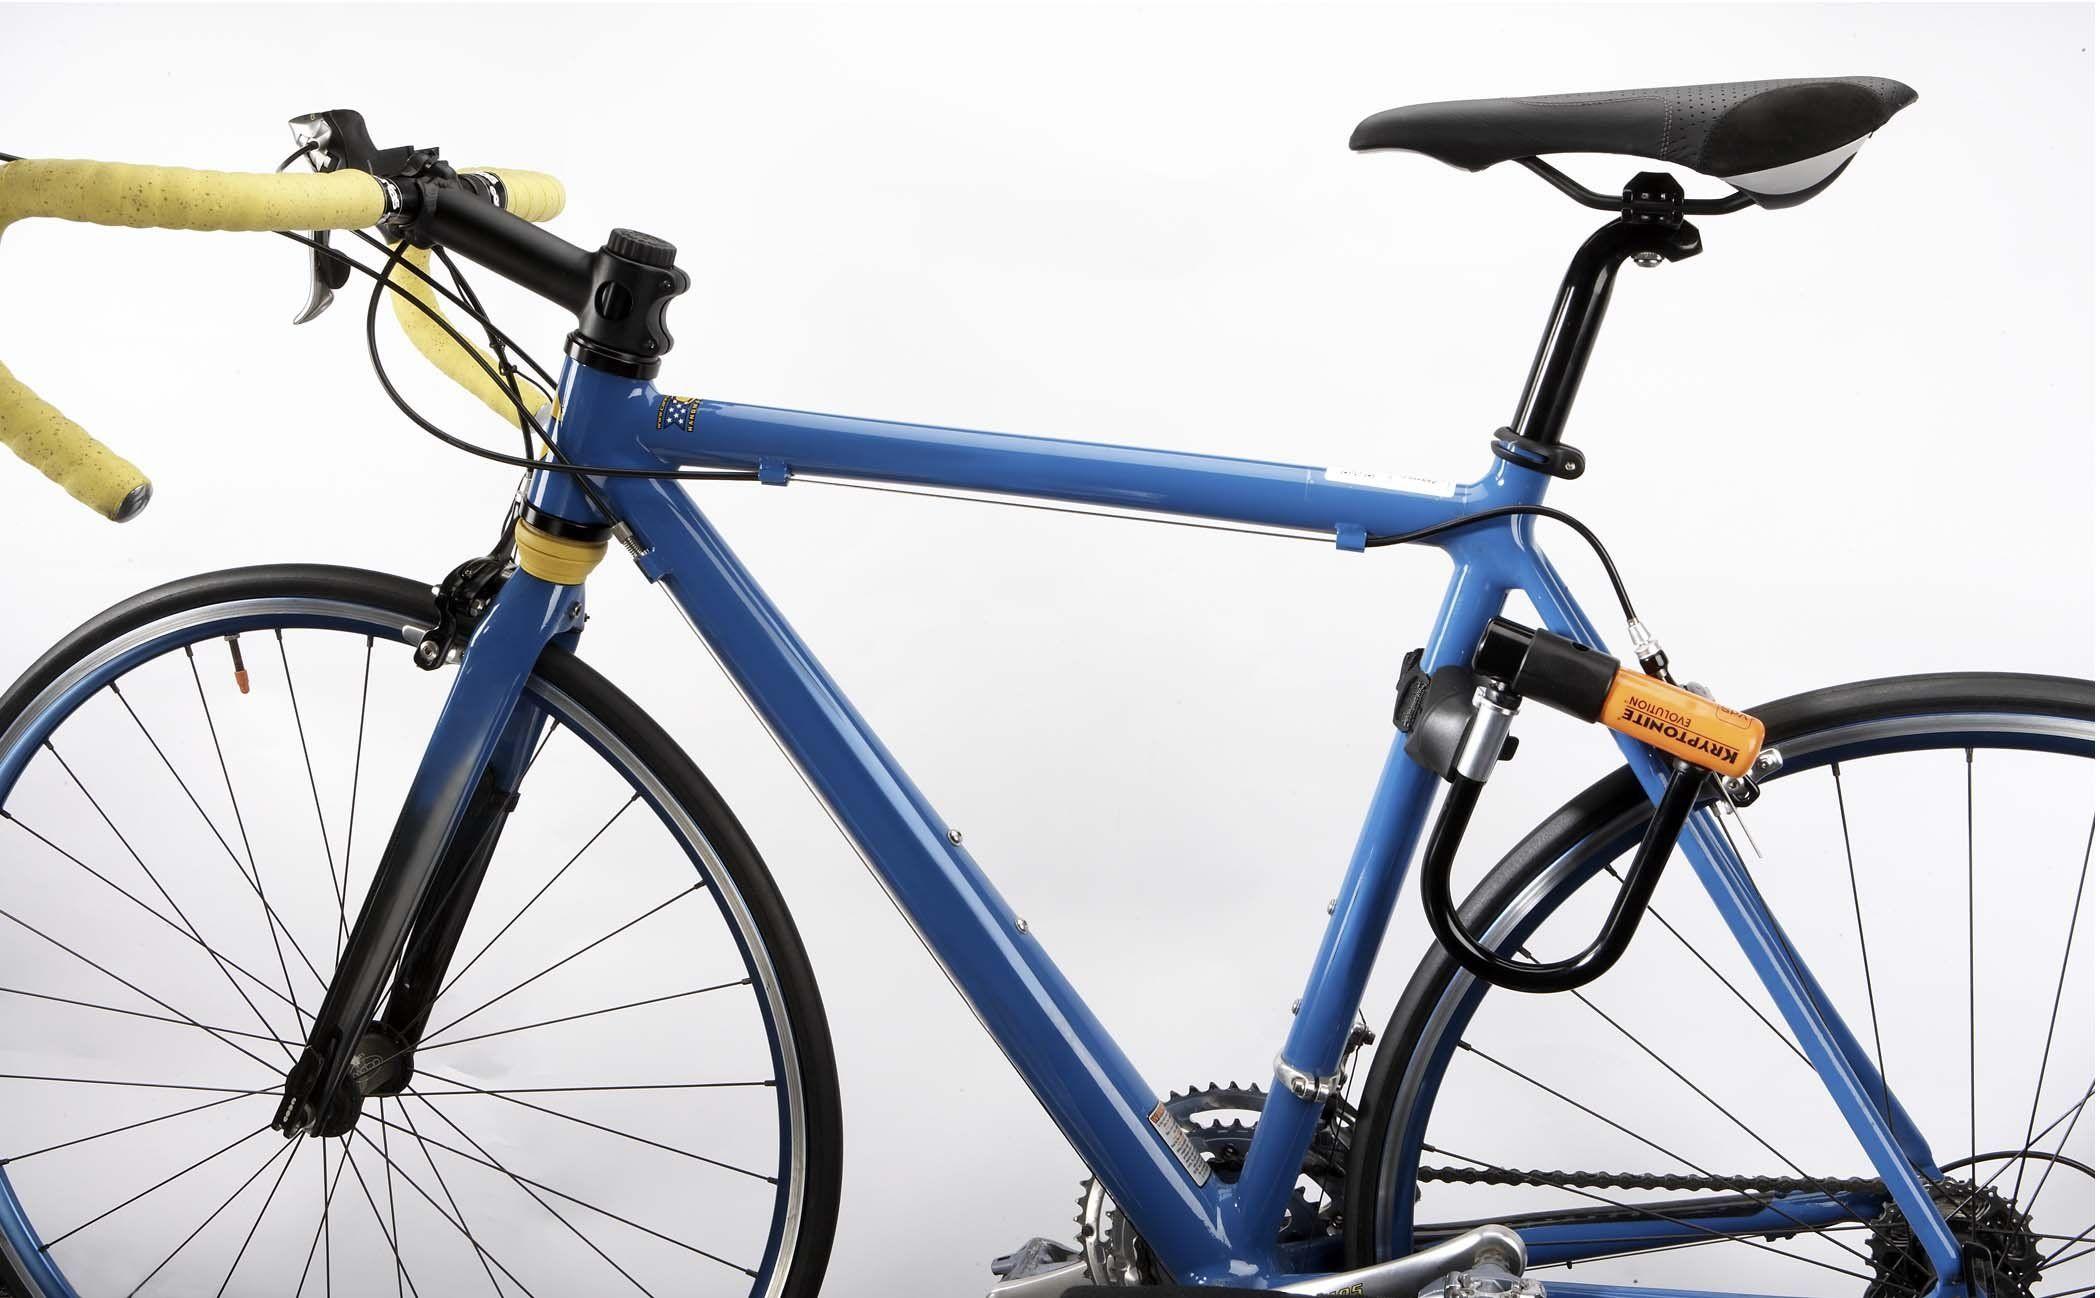 Kryptonite Kryptolok Series 2 Mini7 Heavy Duty Bicycle U Lock Bike